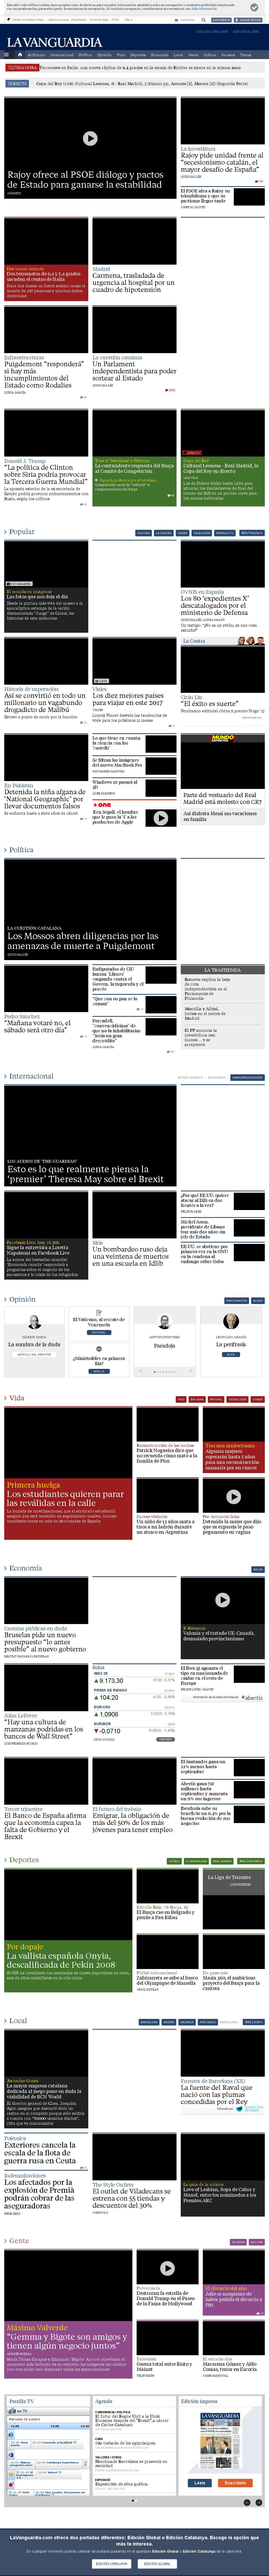 La Vanguardia at Wednesday Oct. 26, 2016, 8:24 p.m. UTC